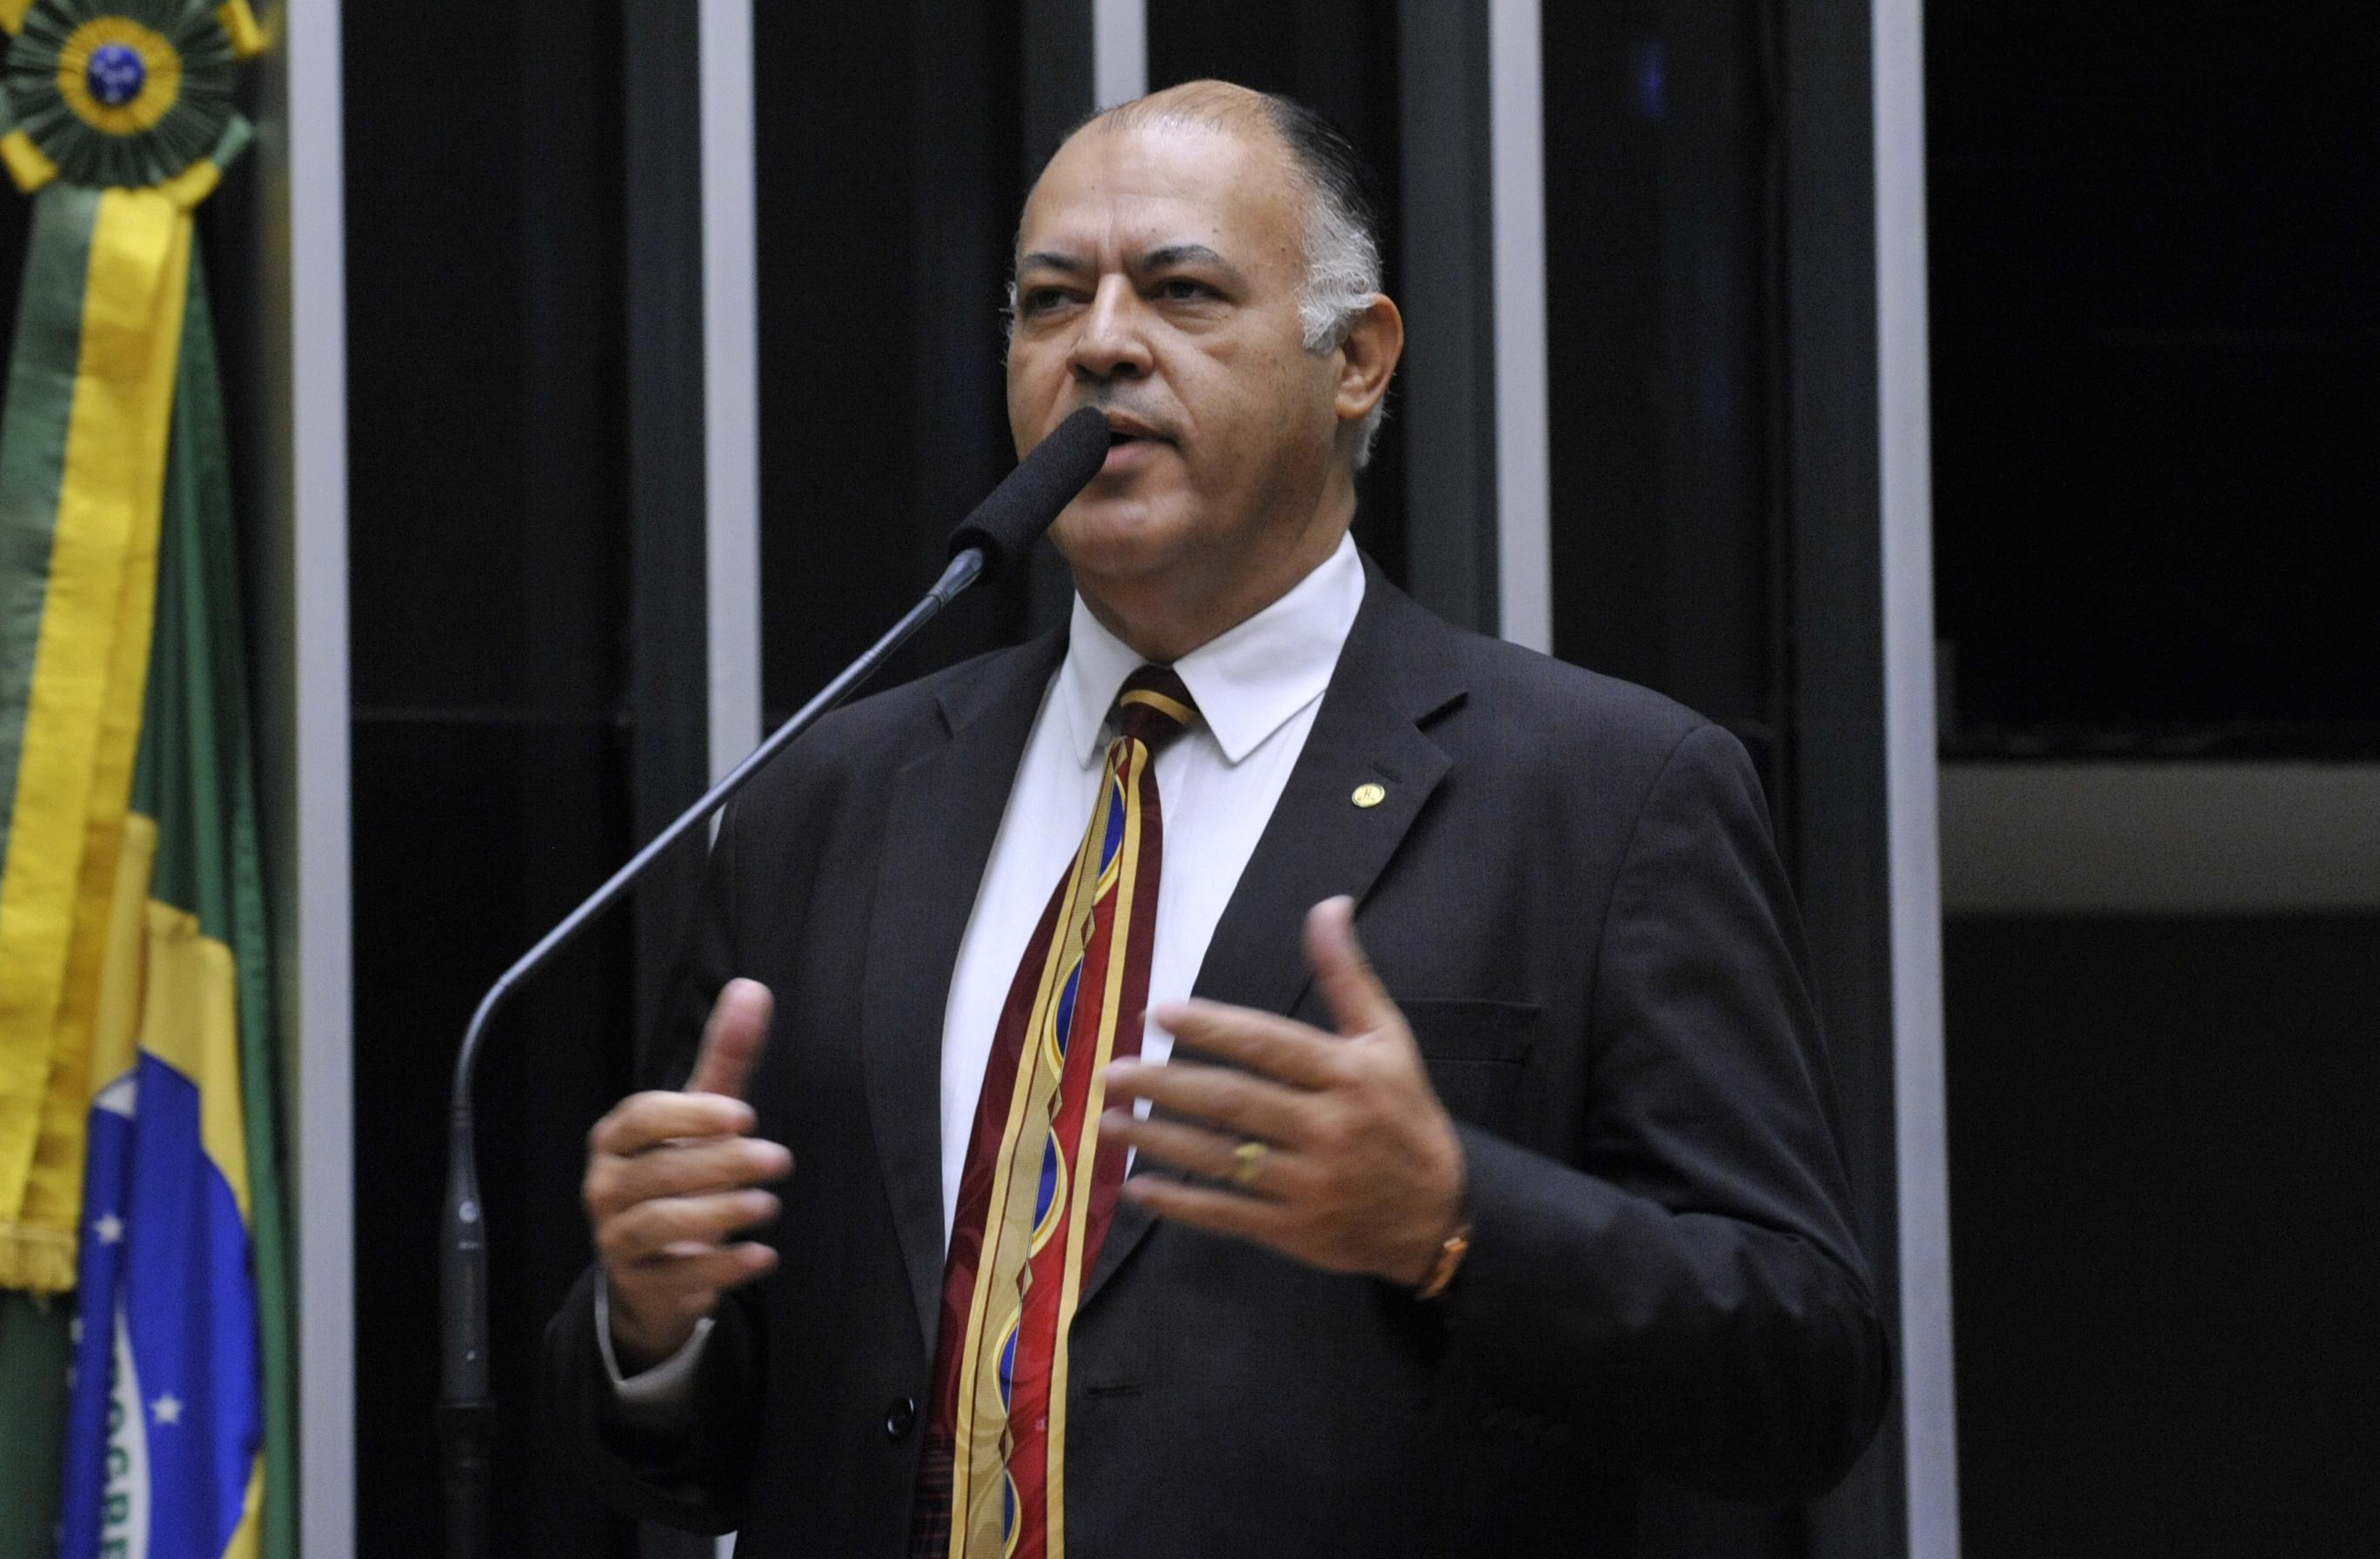 Sessão especial para discussão e votação do parecer do dep. Jovair Arantes (PTB-GO), aprovado em comissão especial, que recomenda a abertura do processo de impeachment da presidente da República - dep.Pastor Eurico (PHS-PE)